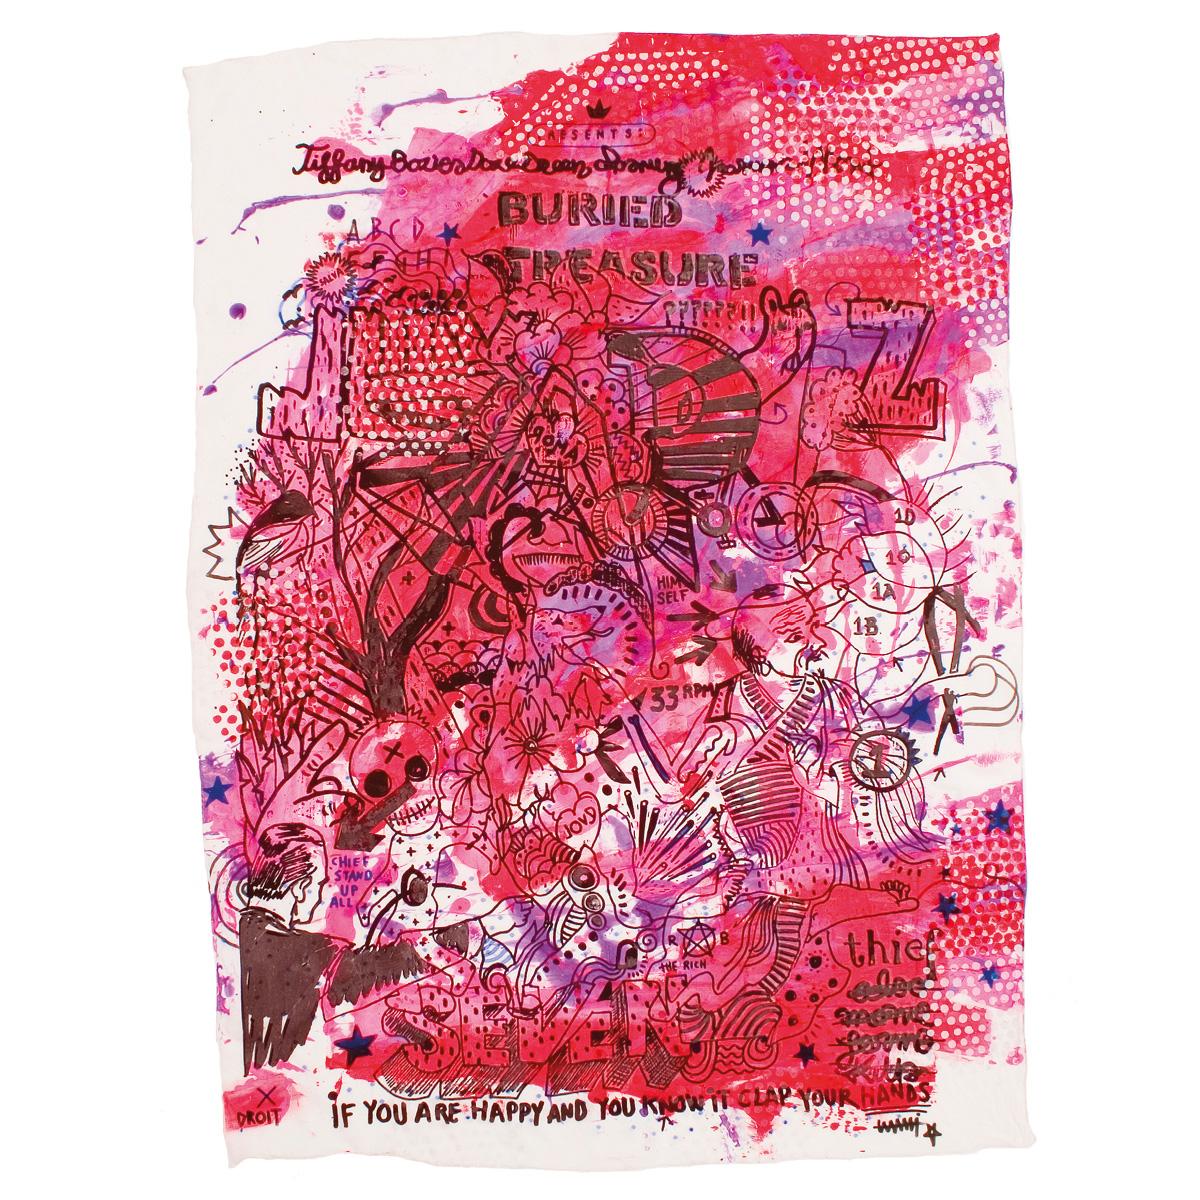 ANTON UNAI BURIED TREASURE (2008)